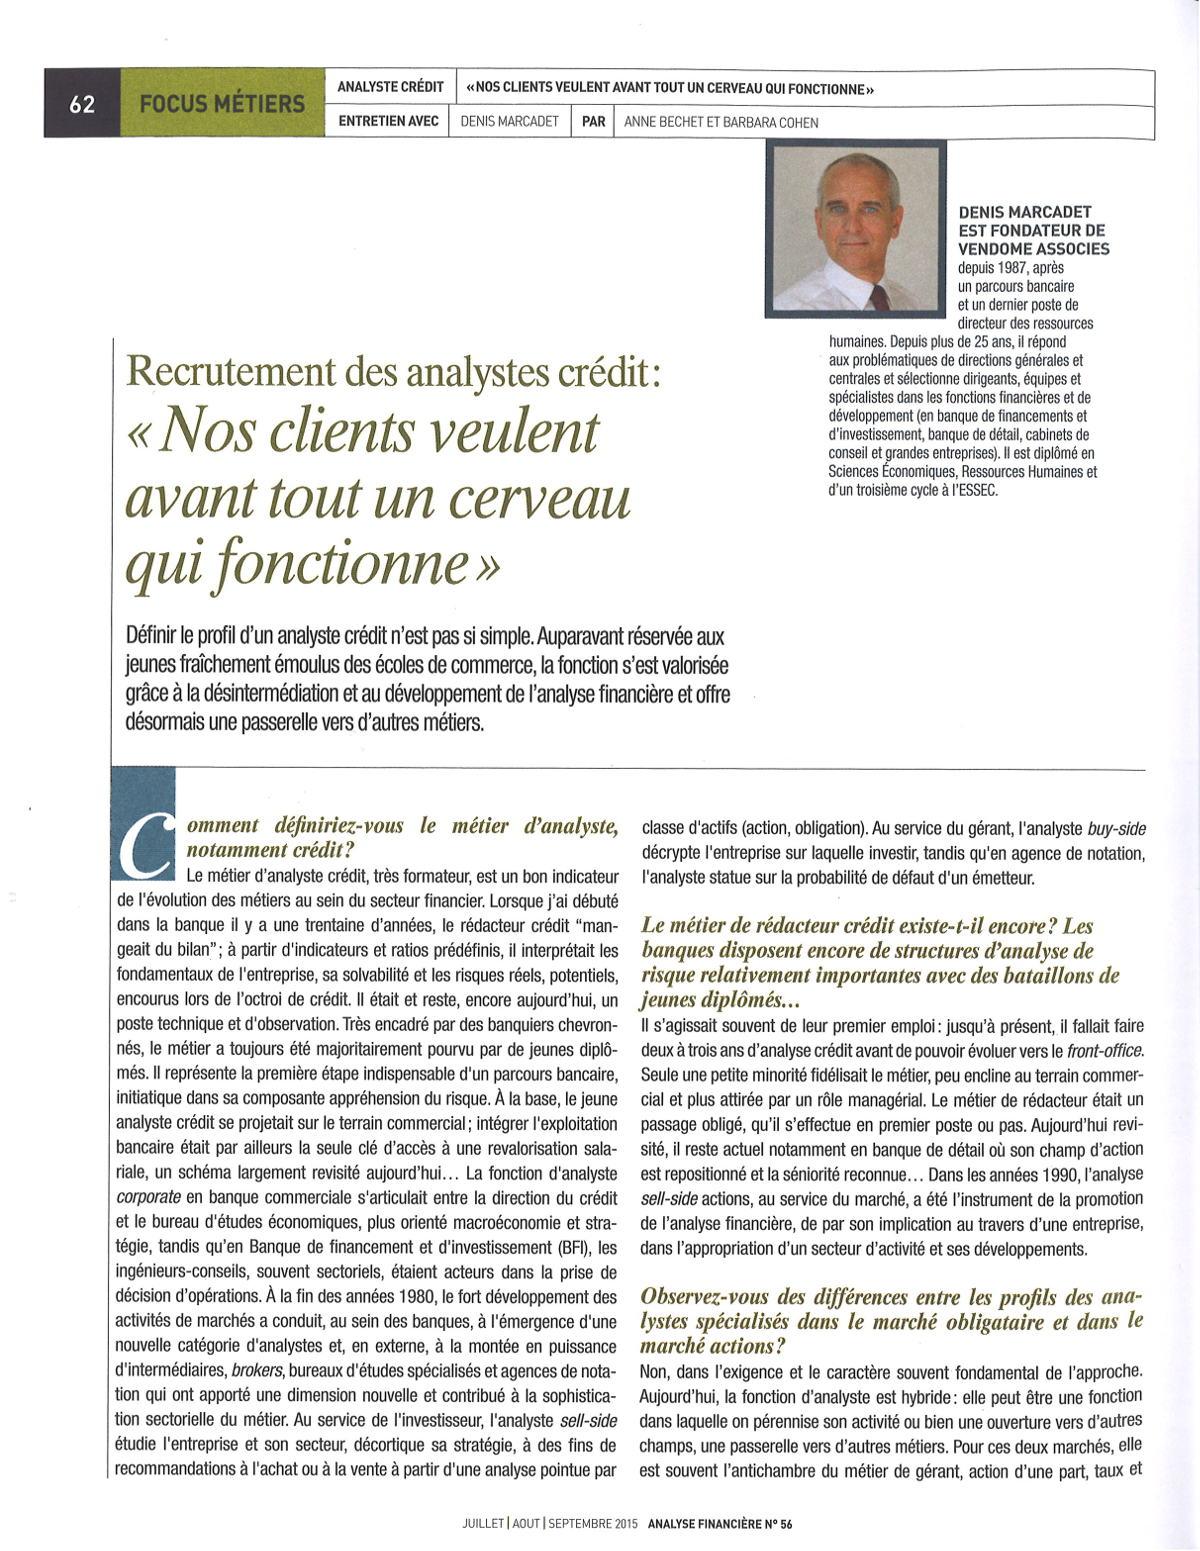 SFAF_AnalistesCredit _revue analyse financière 2 Denis Marcadet un cerveau qui fonctionne